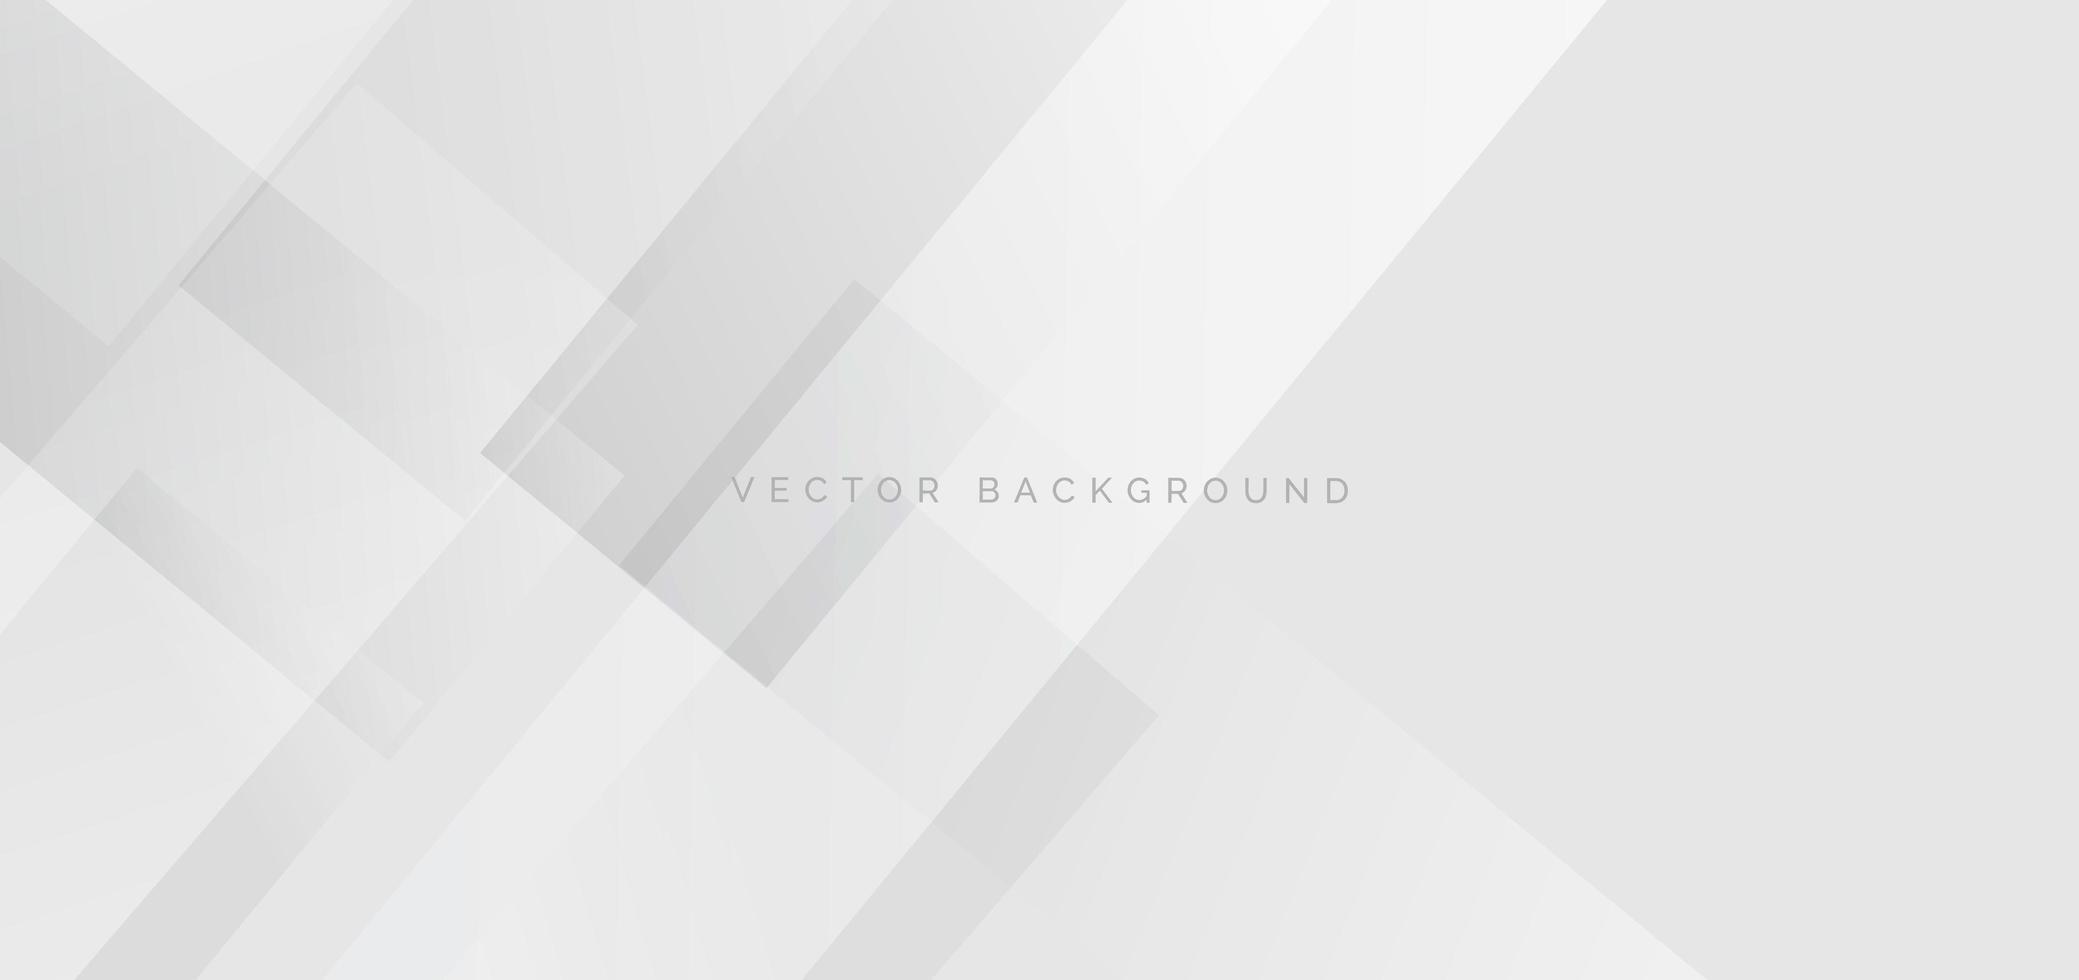 banner webb mall abstrakt vit fyrkantig form överlappande och vit rand linjer bakgrund. vektor